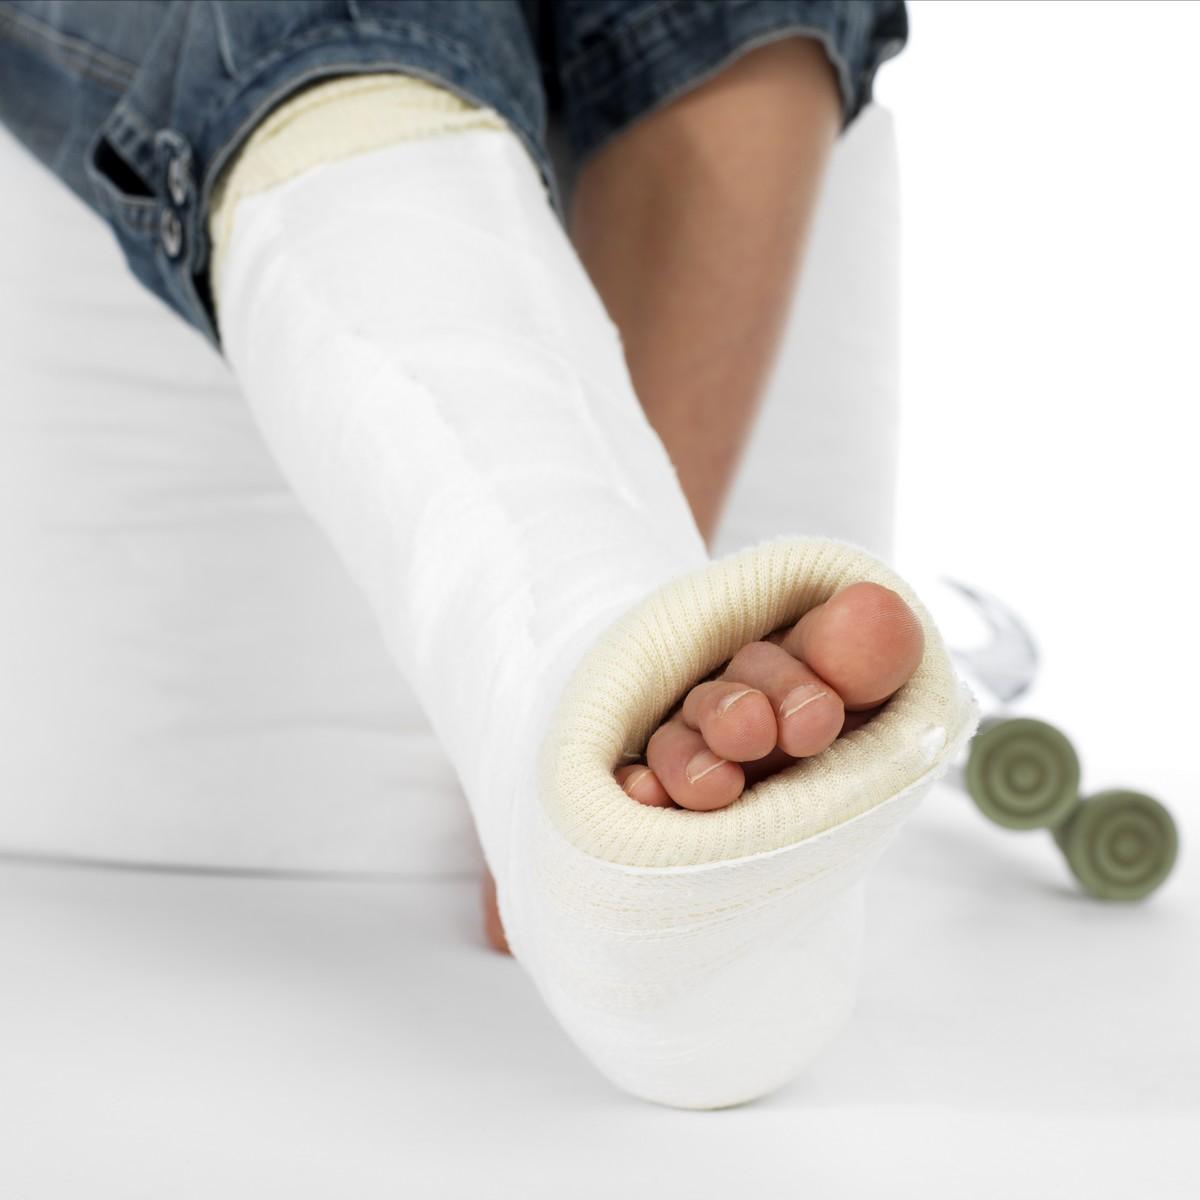 meilleur endroit pour chaussures décontractées prix de détail Trois semaines de plâtre suffisantes pour soigner une ...